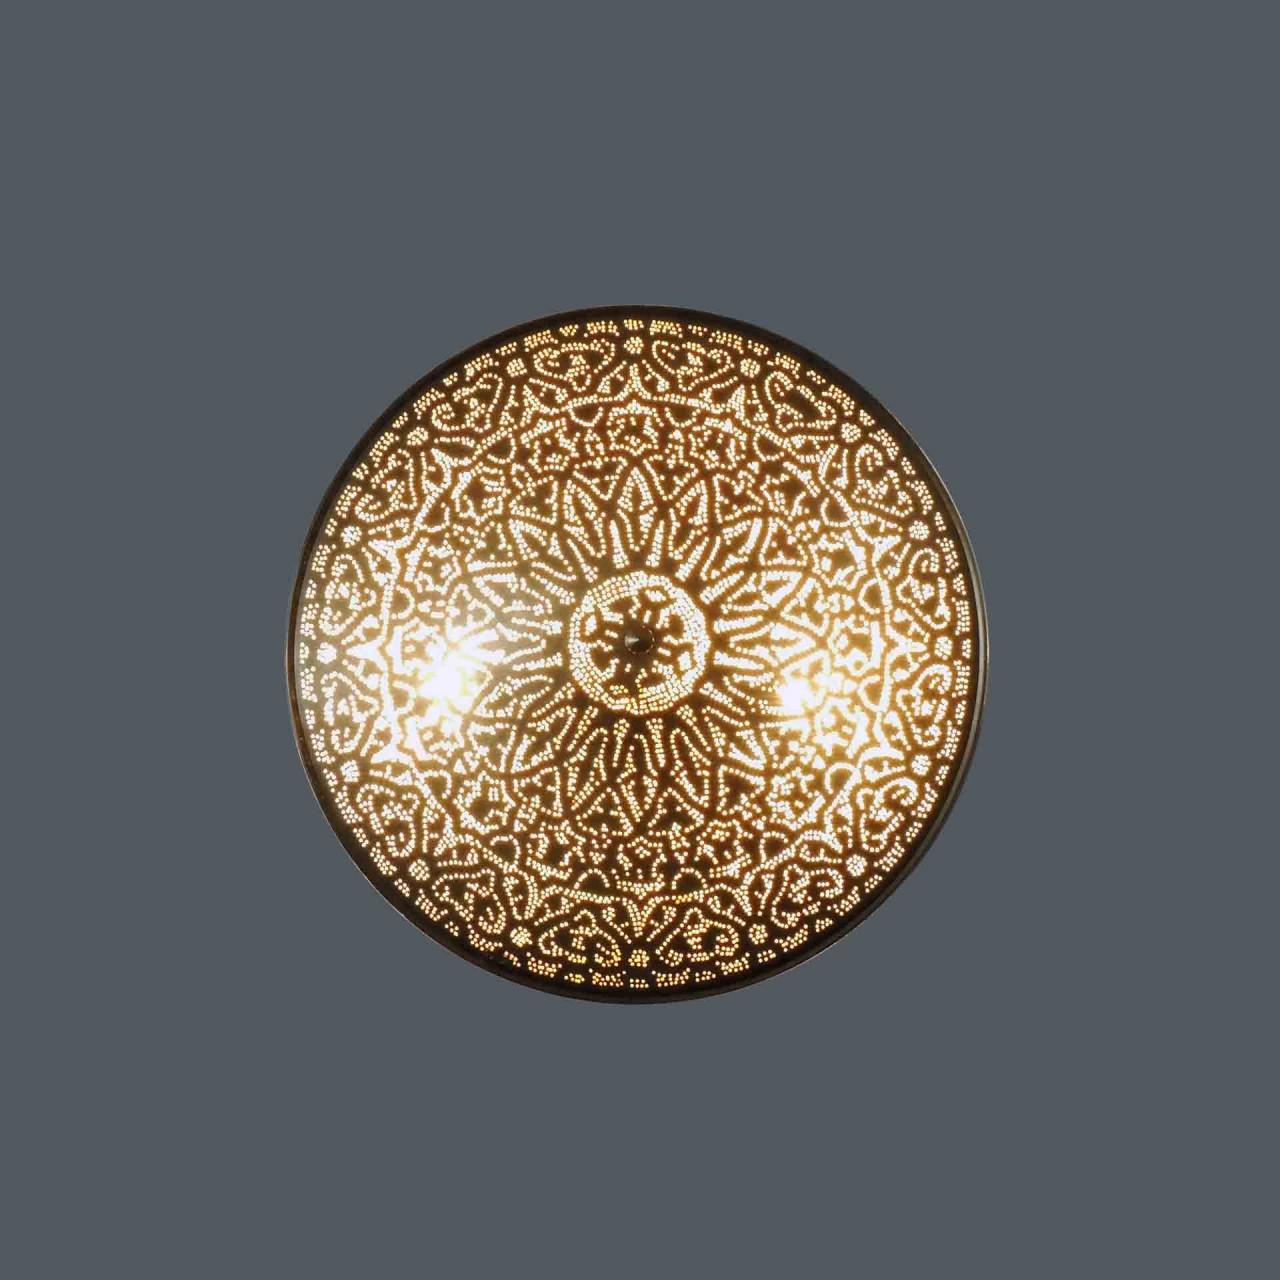 Wandlampe / Deckenlampe - 50 cm - goldfarben - Sonderedition XLs - Zenza